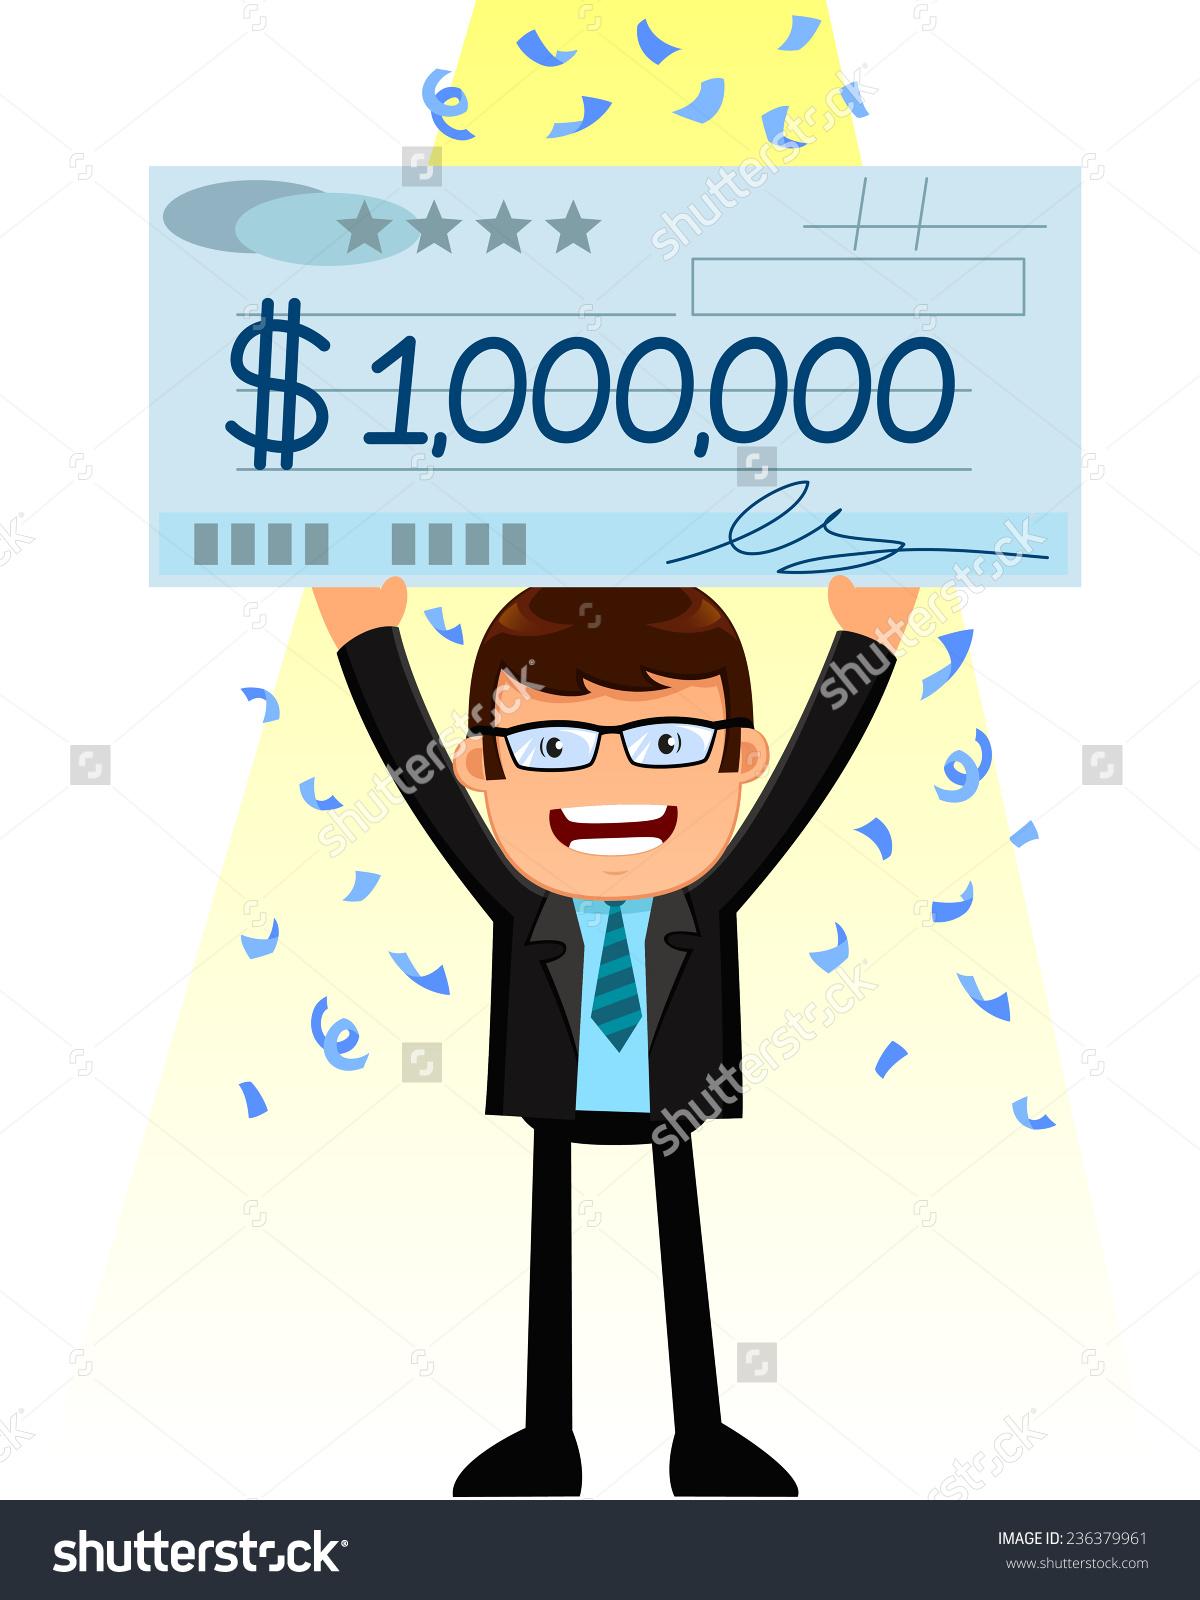 Clipart million dollars.